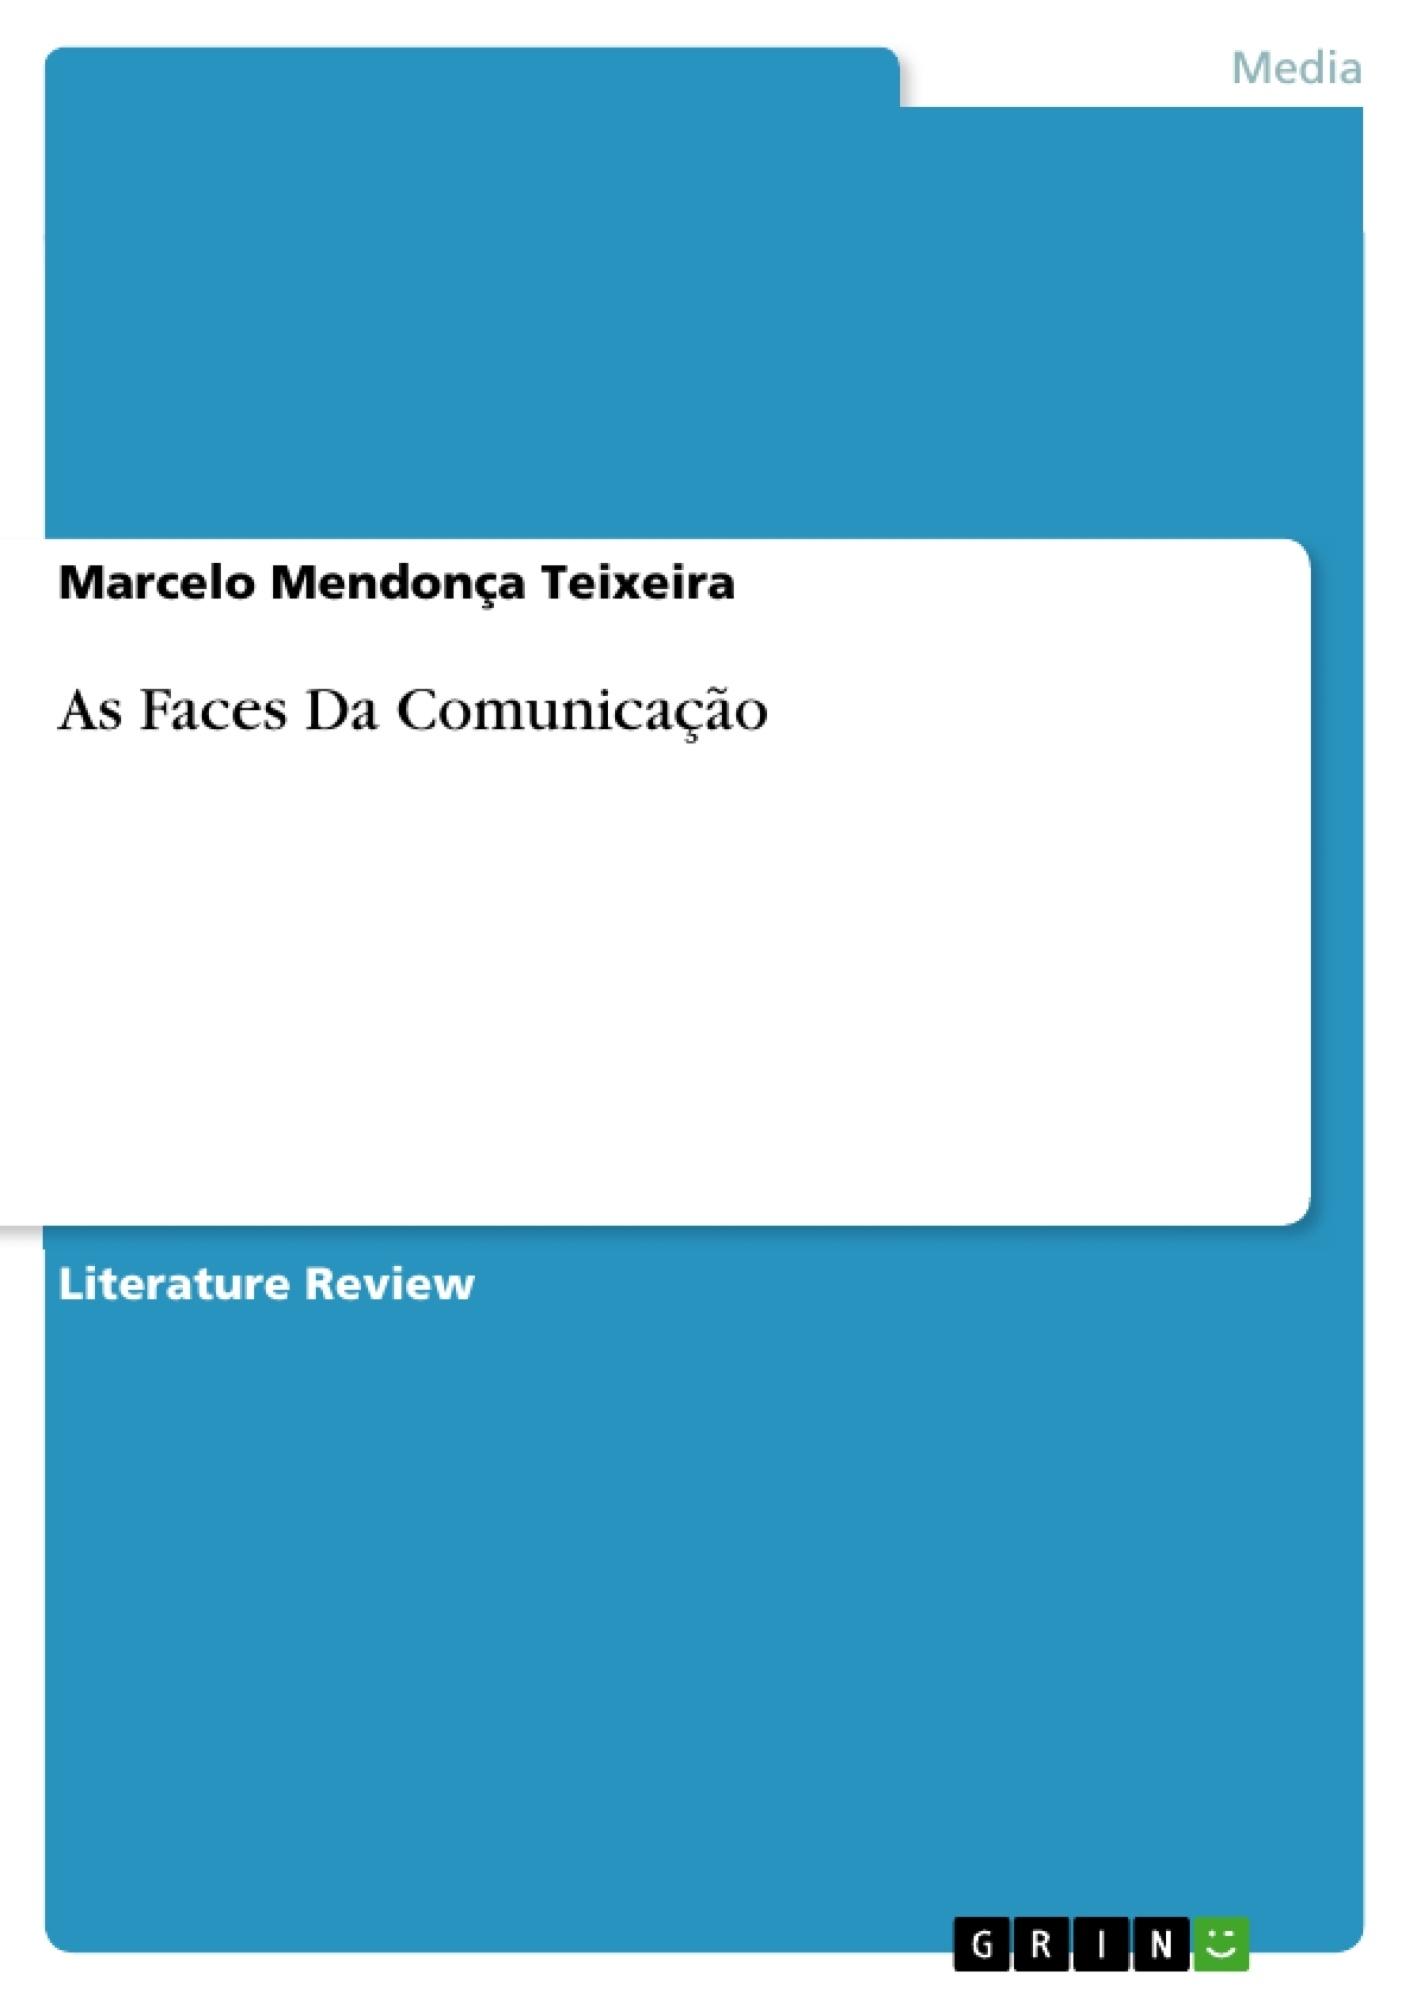 Title: As Faces Da Comunicação